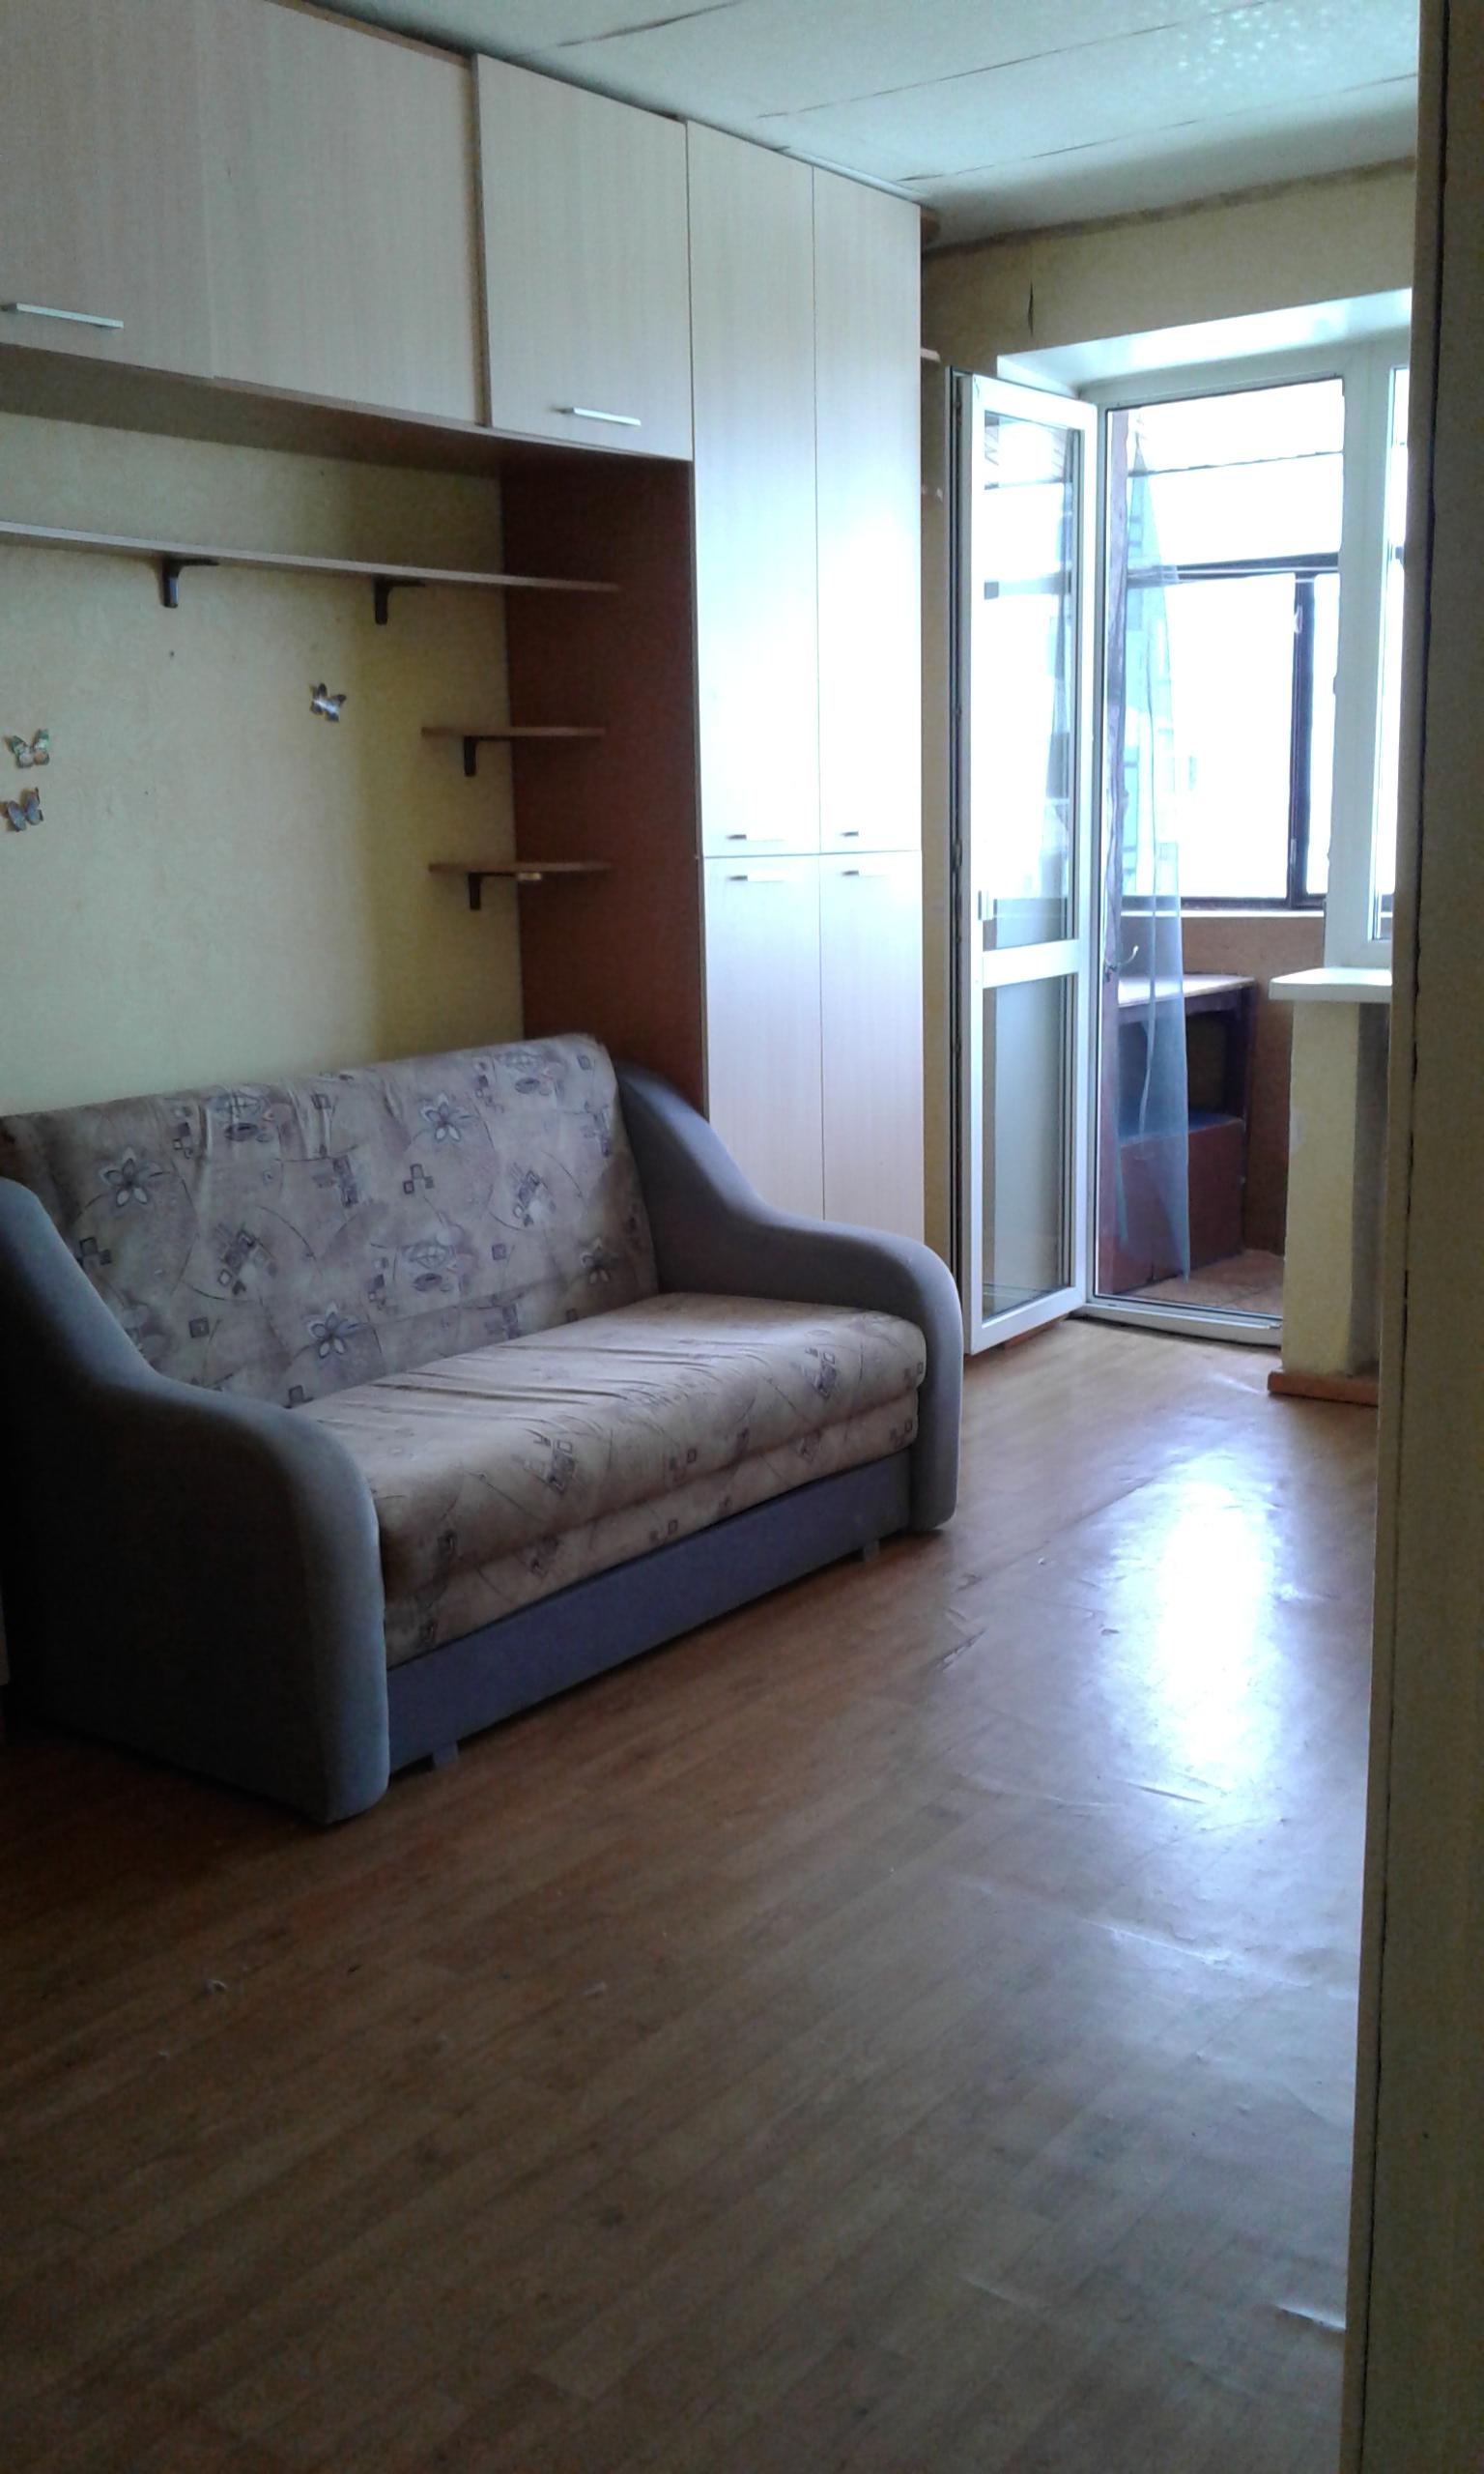 Продам 1-комнатную квартиру в Приднепровске по ул. Космонавтов